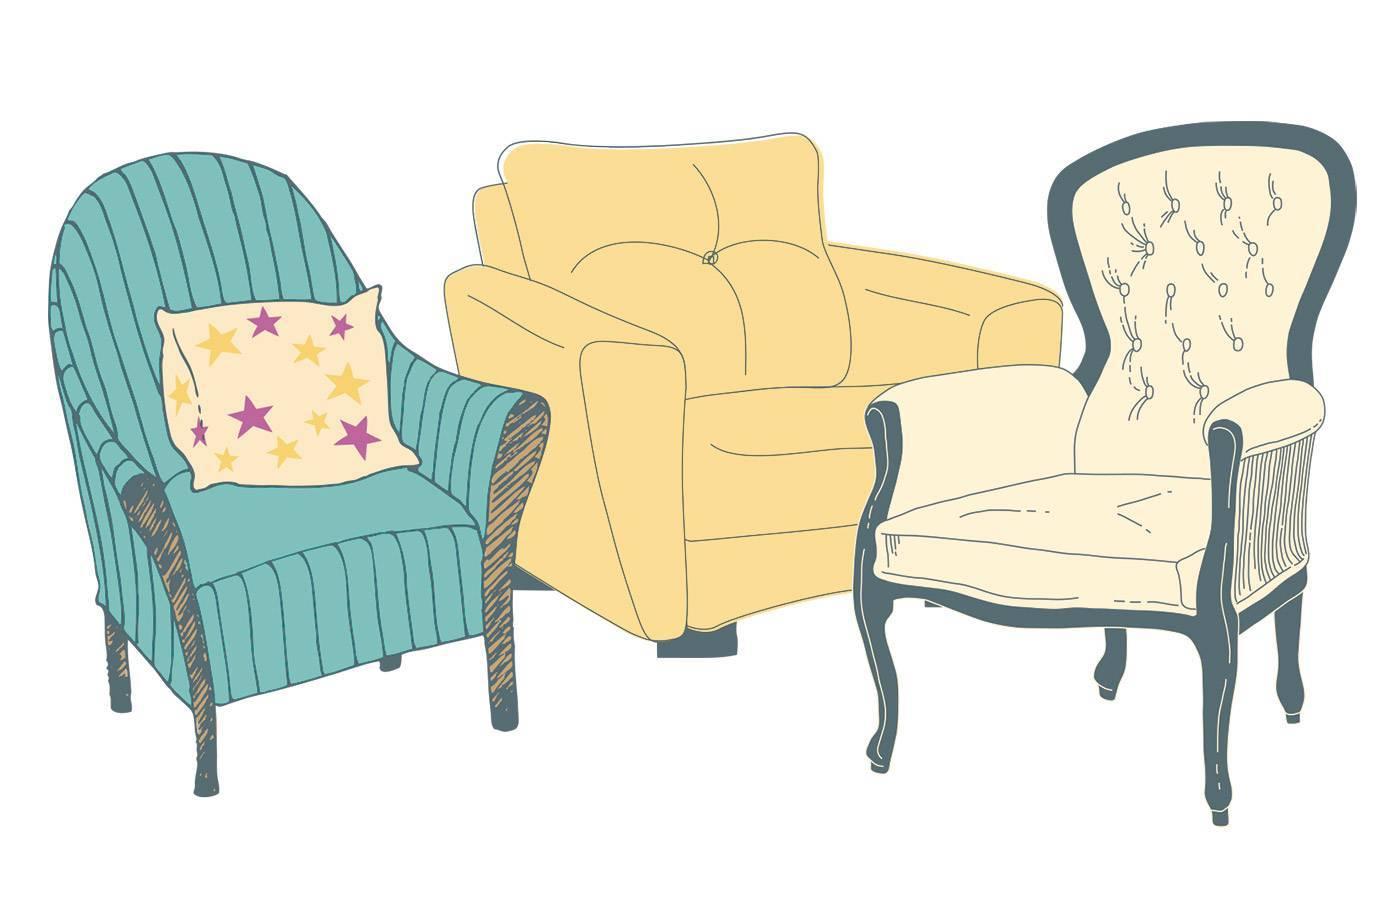 Recogida de sofás o sillones viejos